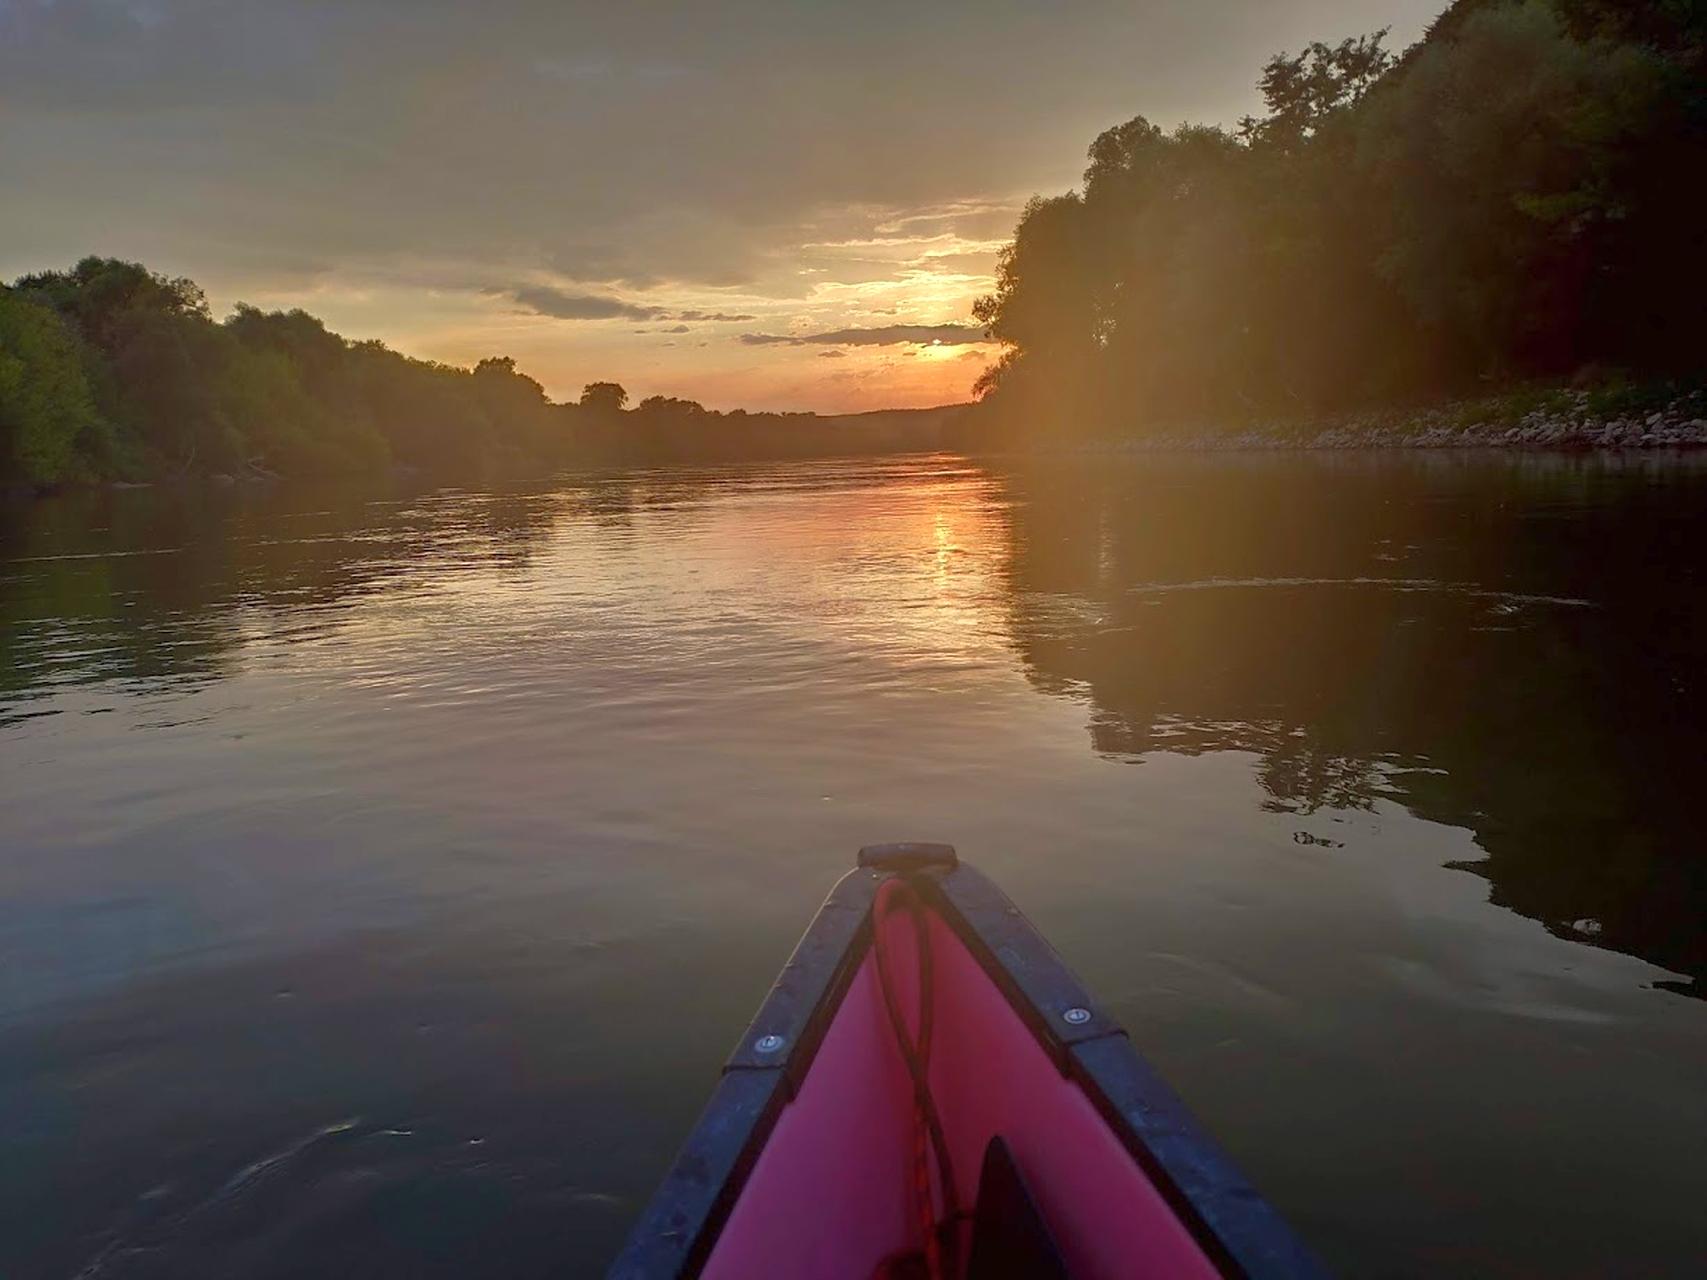 Bootstour bei Sonnenuntergang auf der Donau bei Bad Abbach